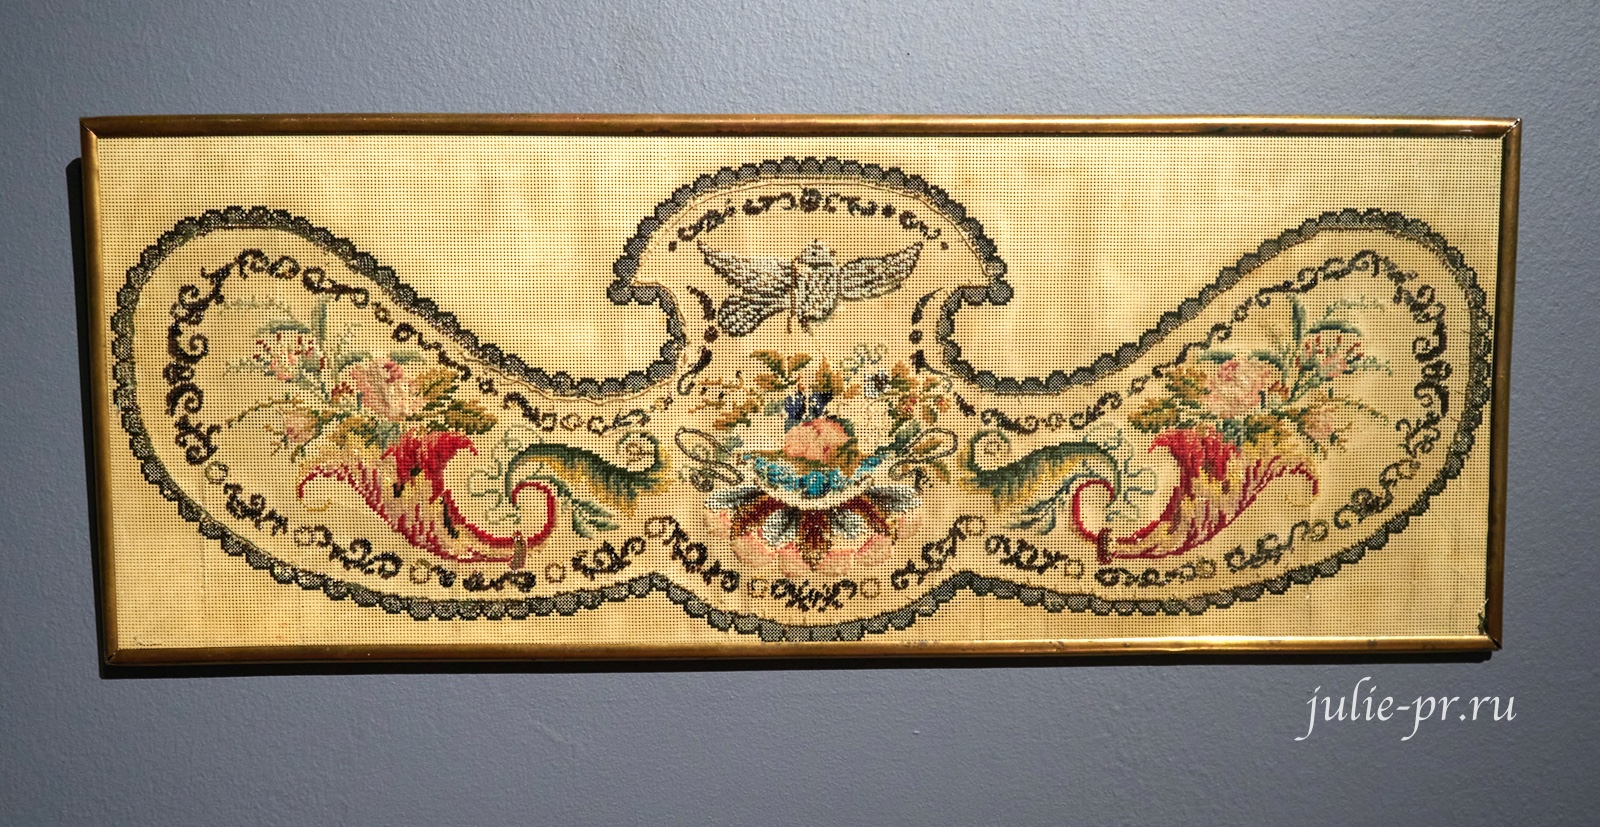 Панно, 1860-е гг, Россия, вышивка крестом и бисером на перфорированной бумаге, выставка Старинные вышивки